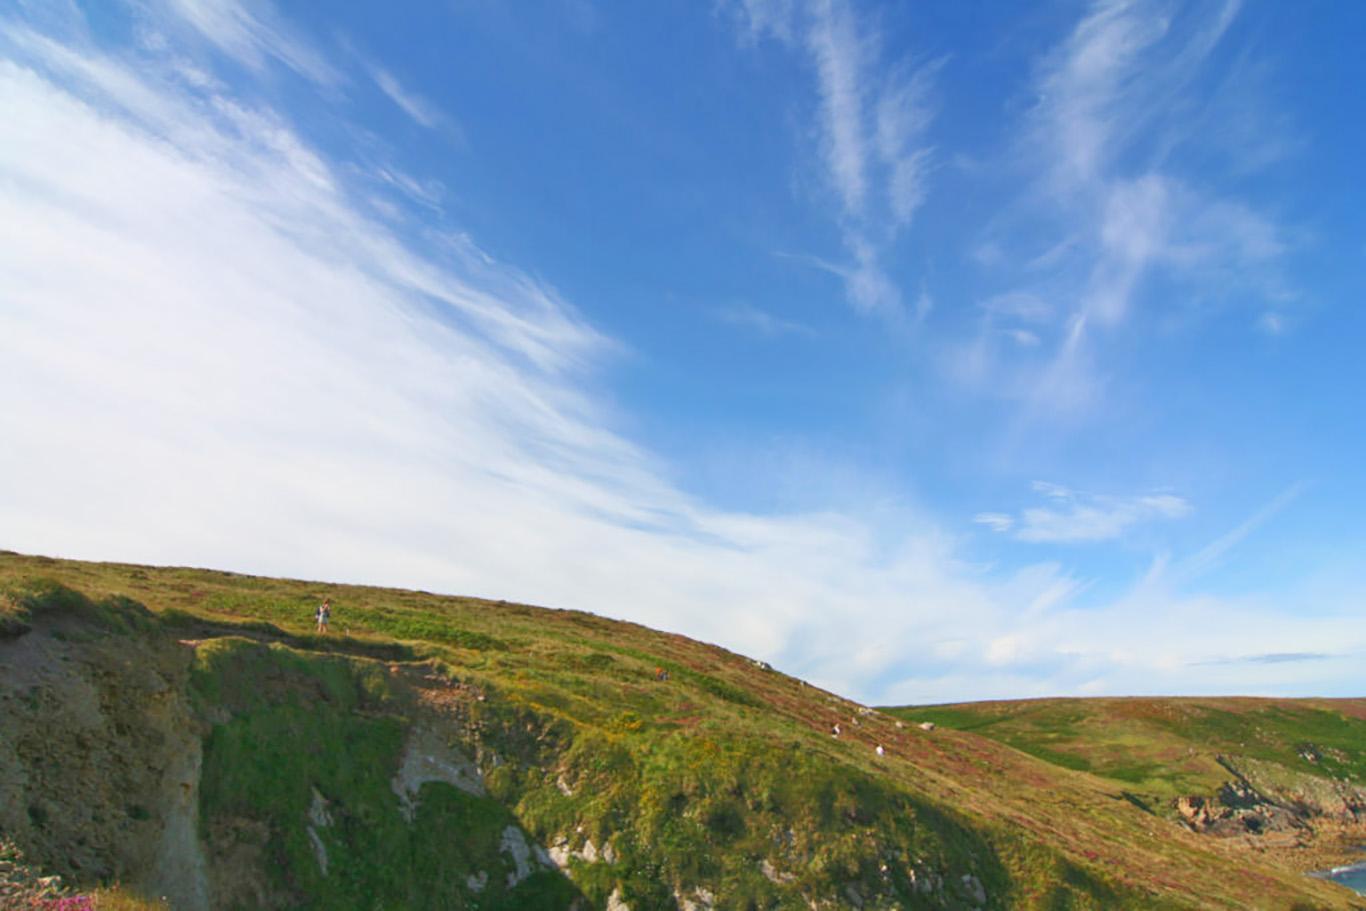 Cielo e brughiere, i tipici paesaggi della Bretagna